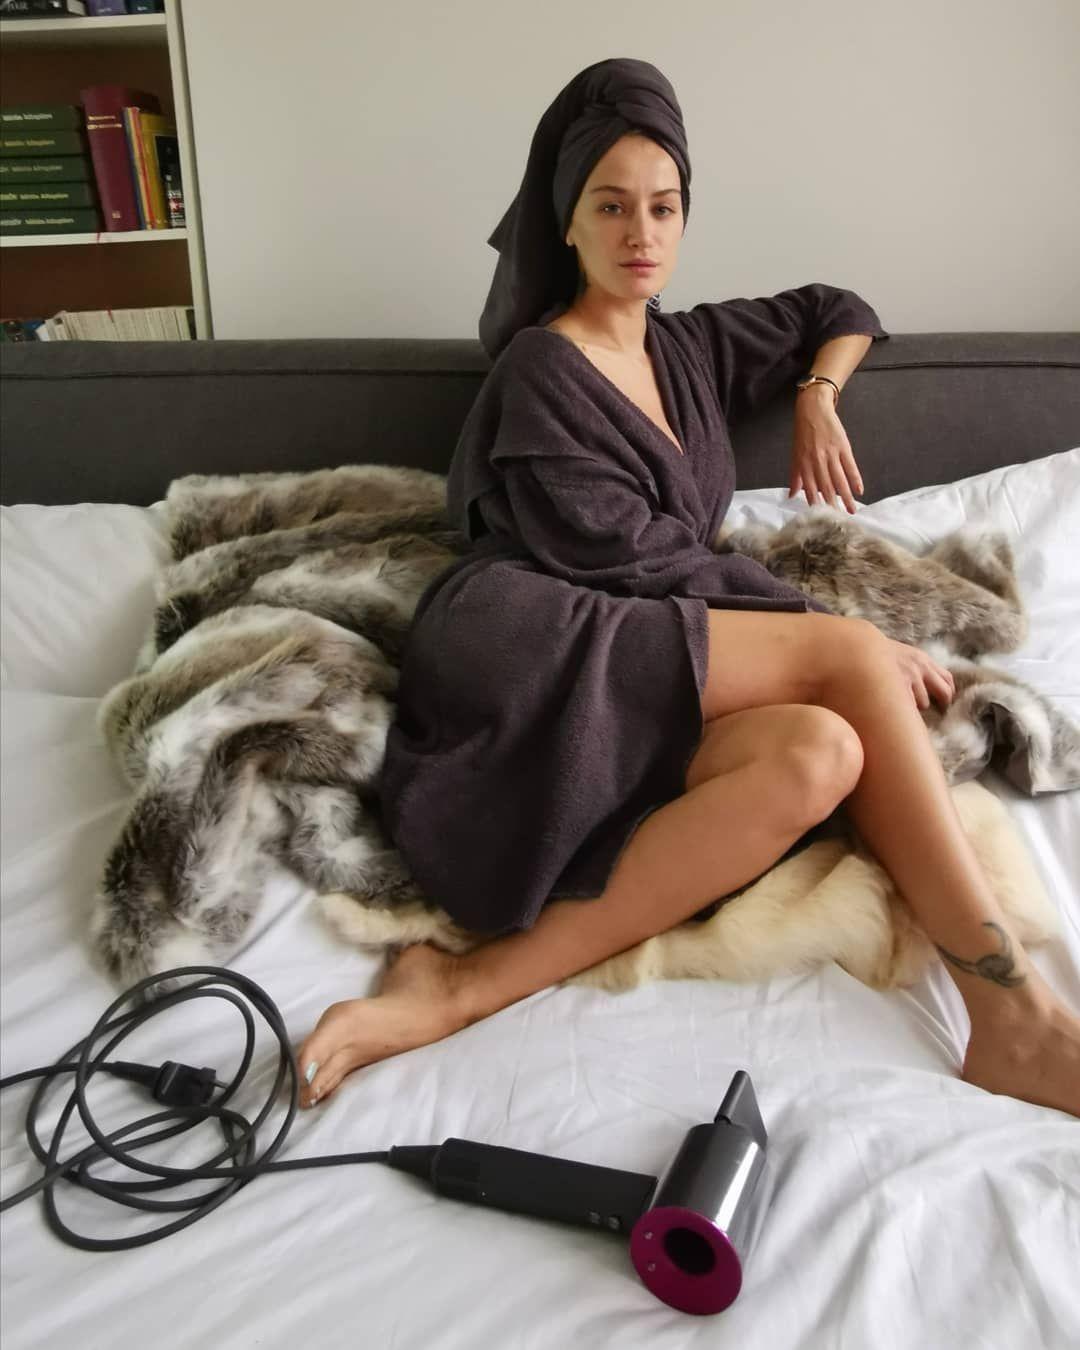 Seksi model Didem Soydan'ın gece gezmesi 'Tuvaleti' olay oldu - Sayfa 5